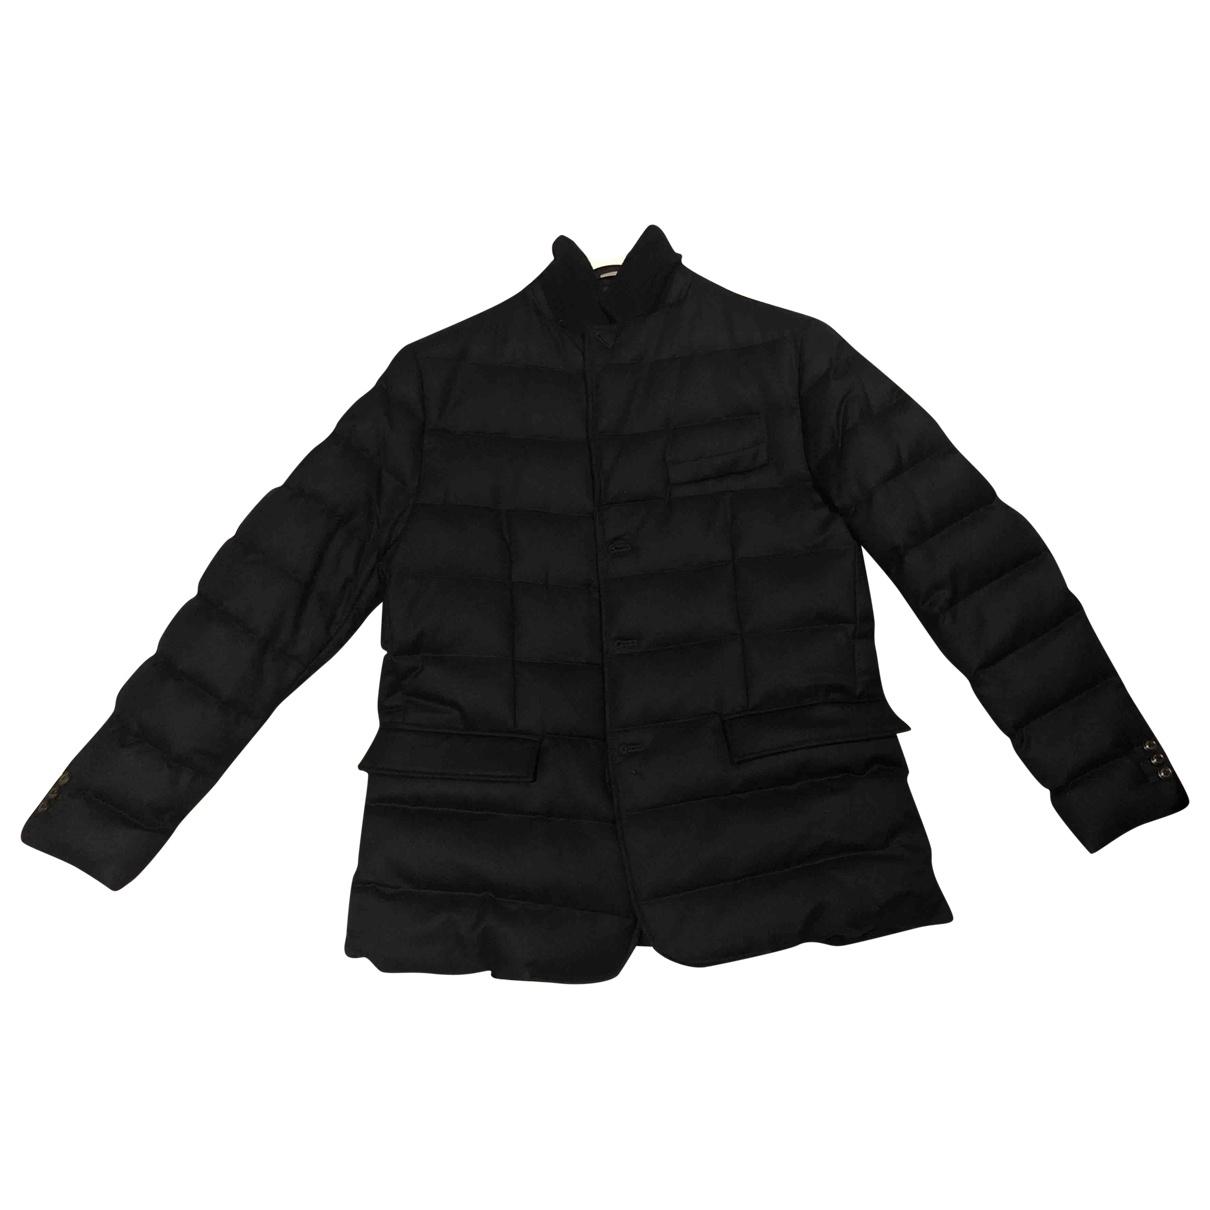 Moncler - Manteau Classic pour homme en laine - marine